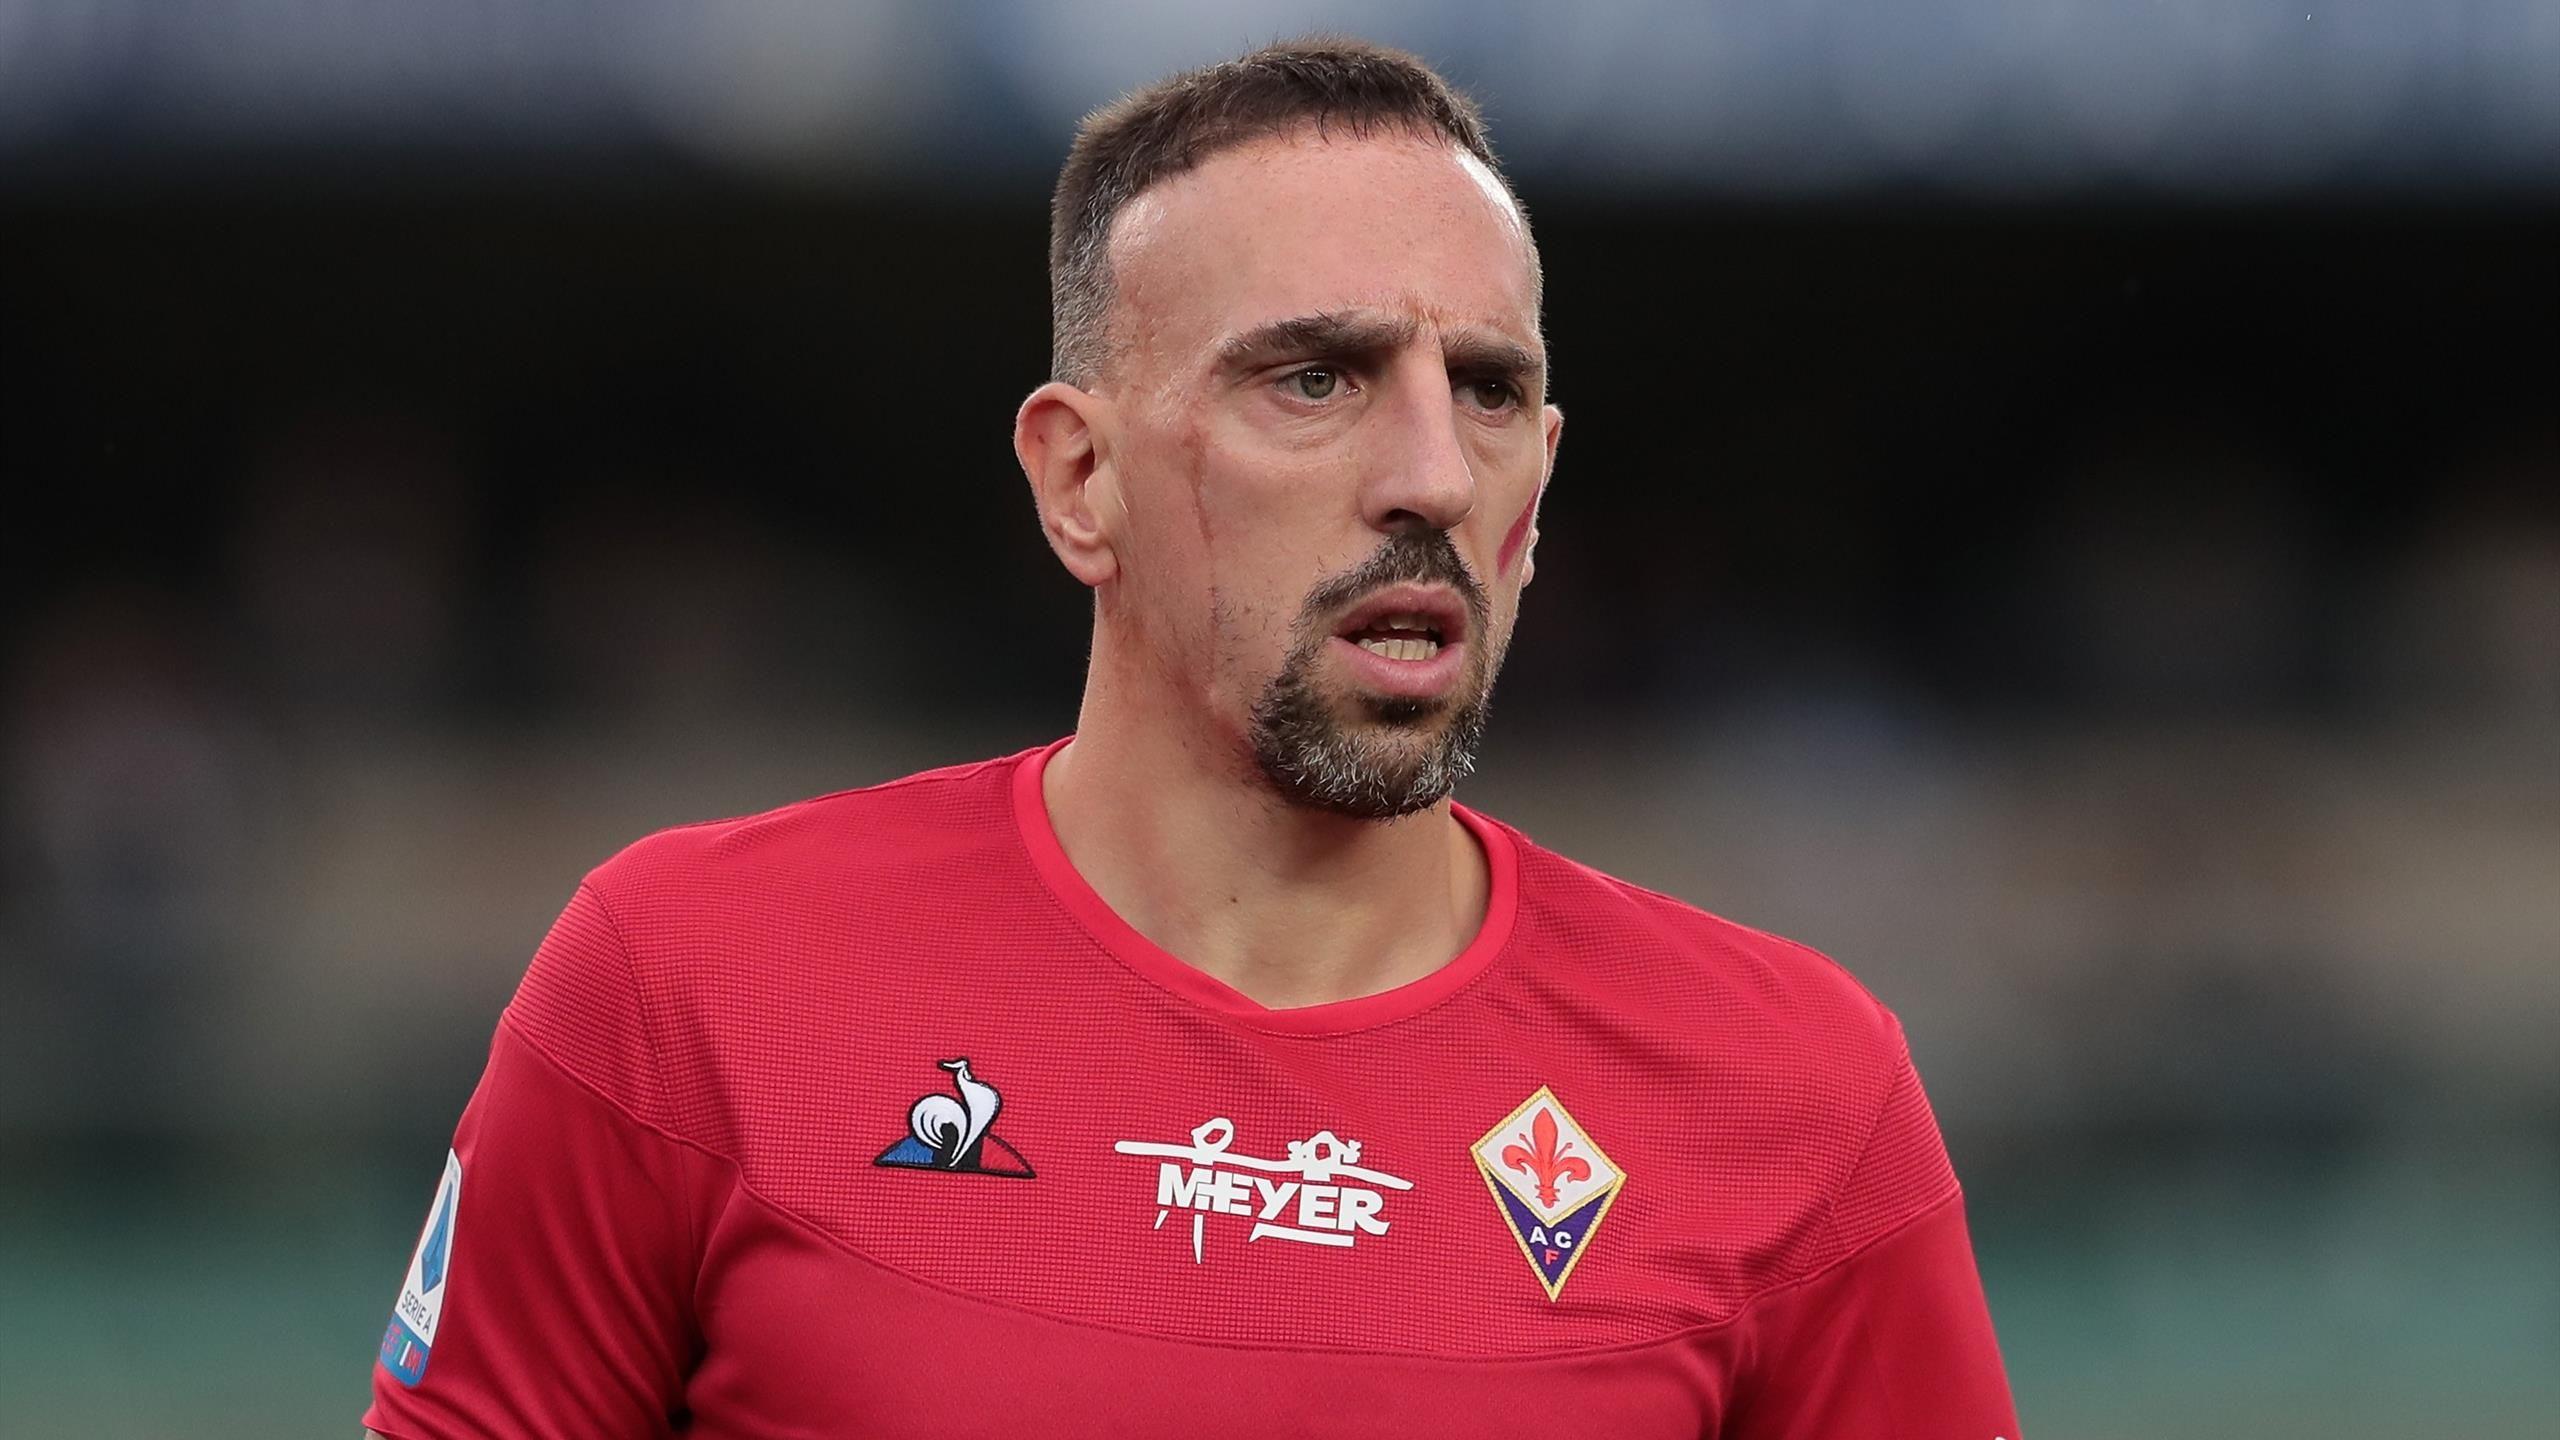 Le pagelle di Hellas Verona-Fiorentina 1-0: Dragowski in versione ...